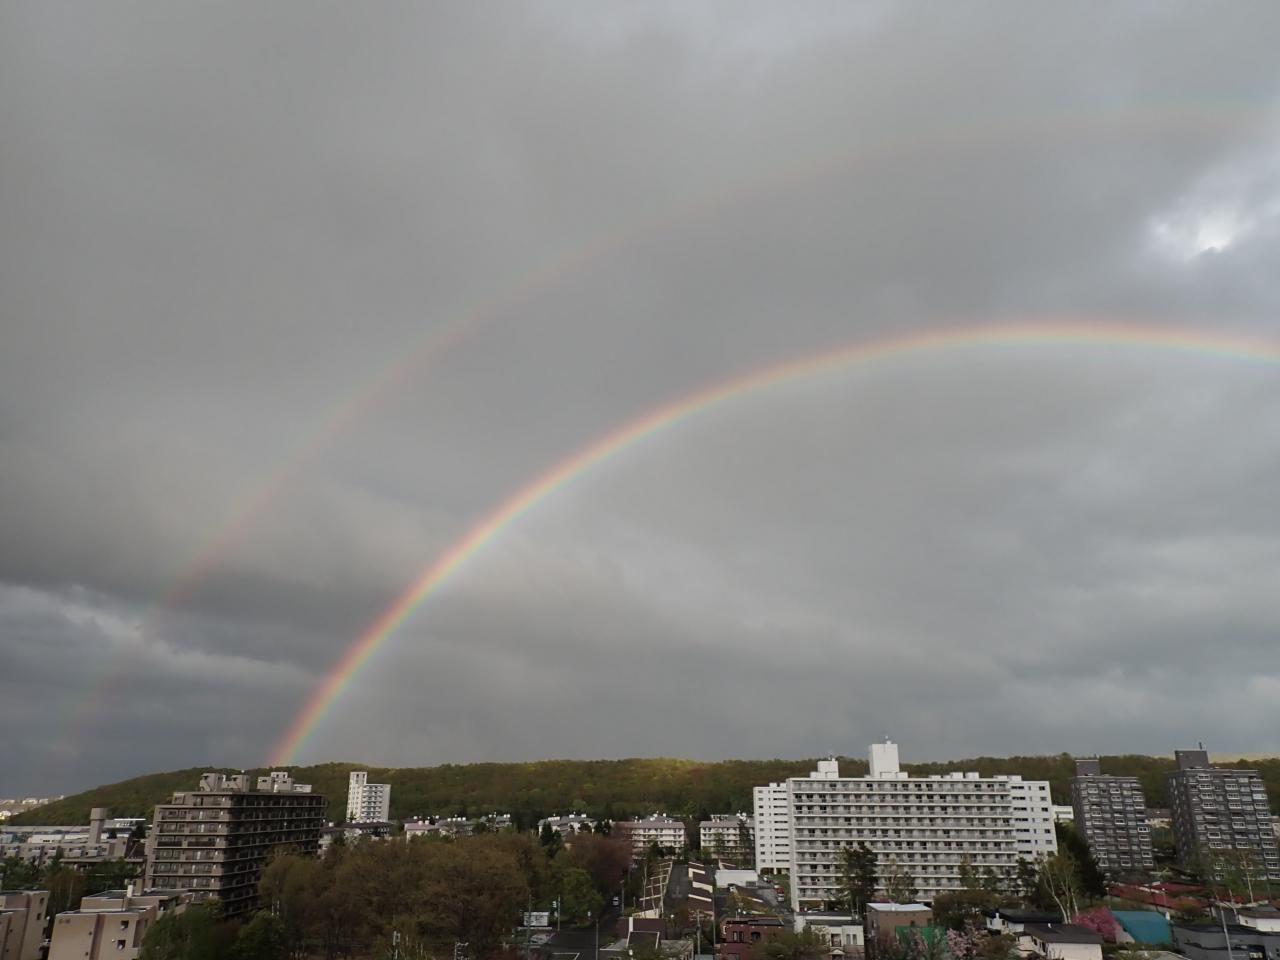 f-虹-2020-05-13-TG531651